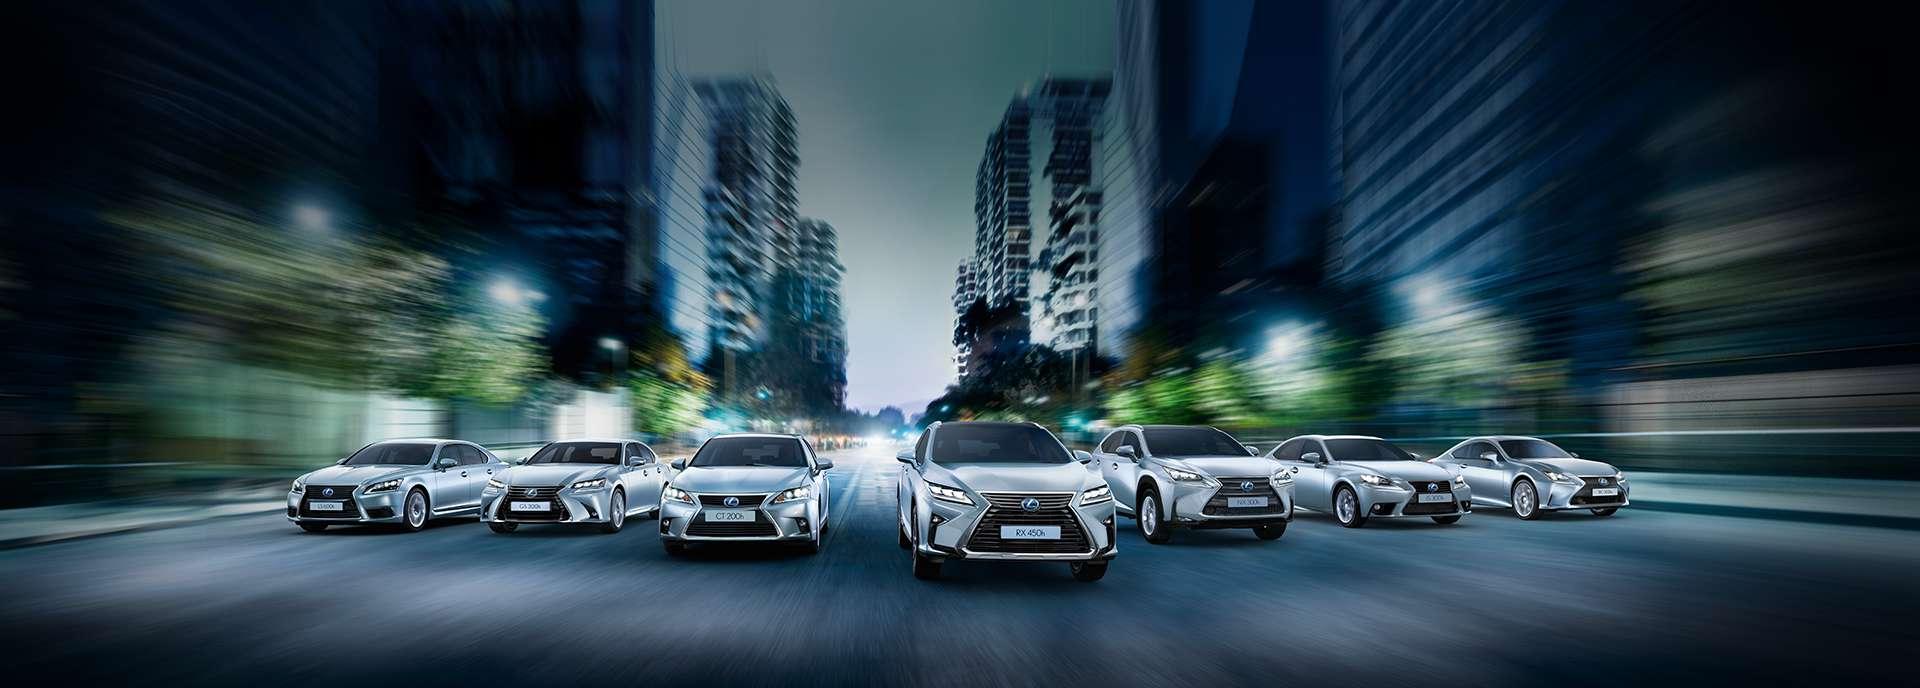 Lexus Business Plus hero